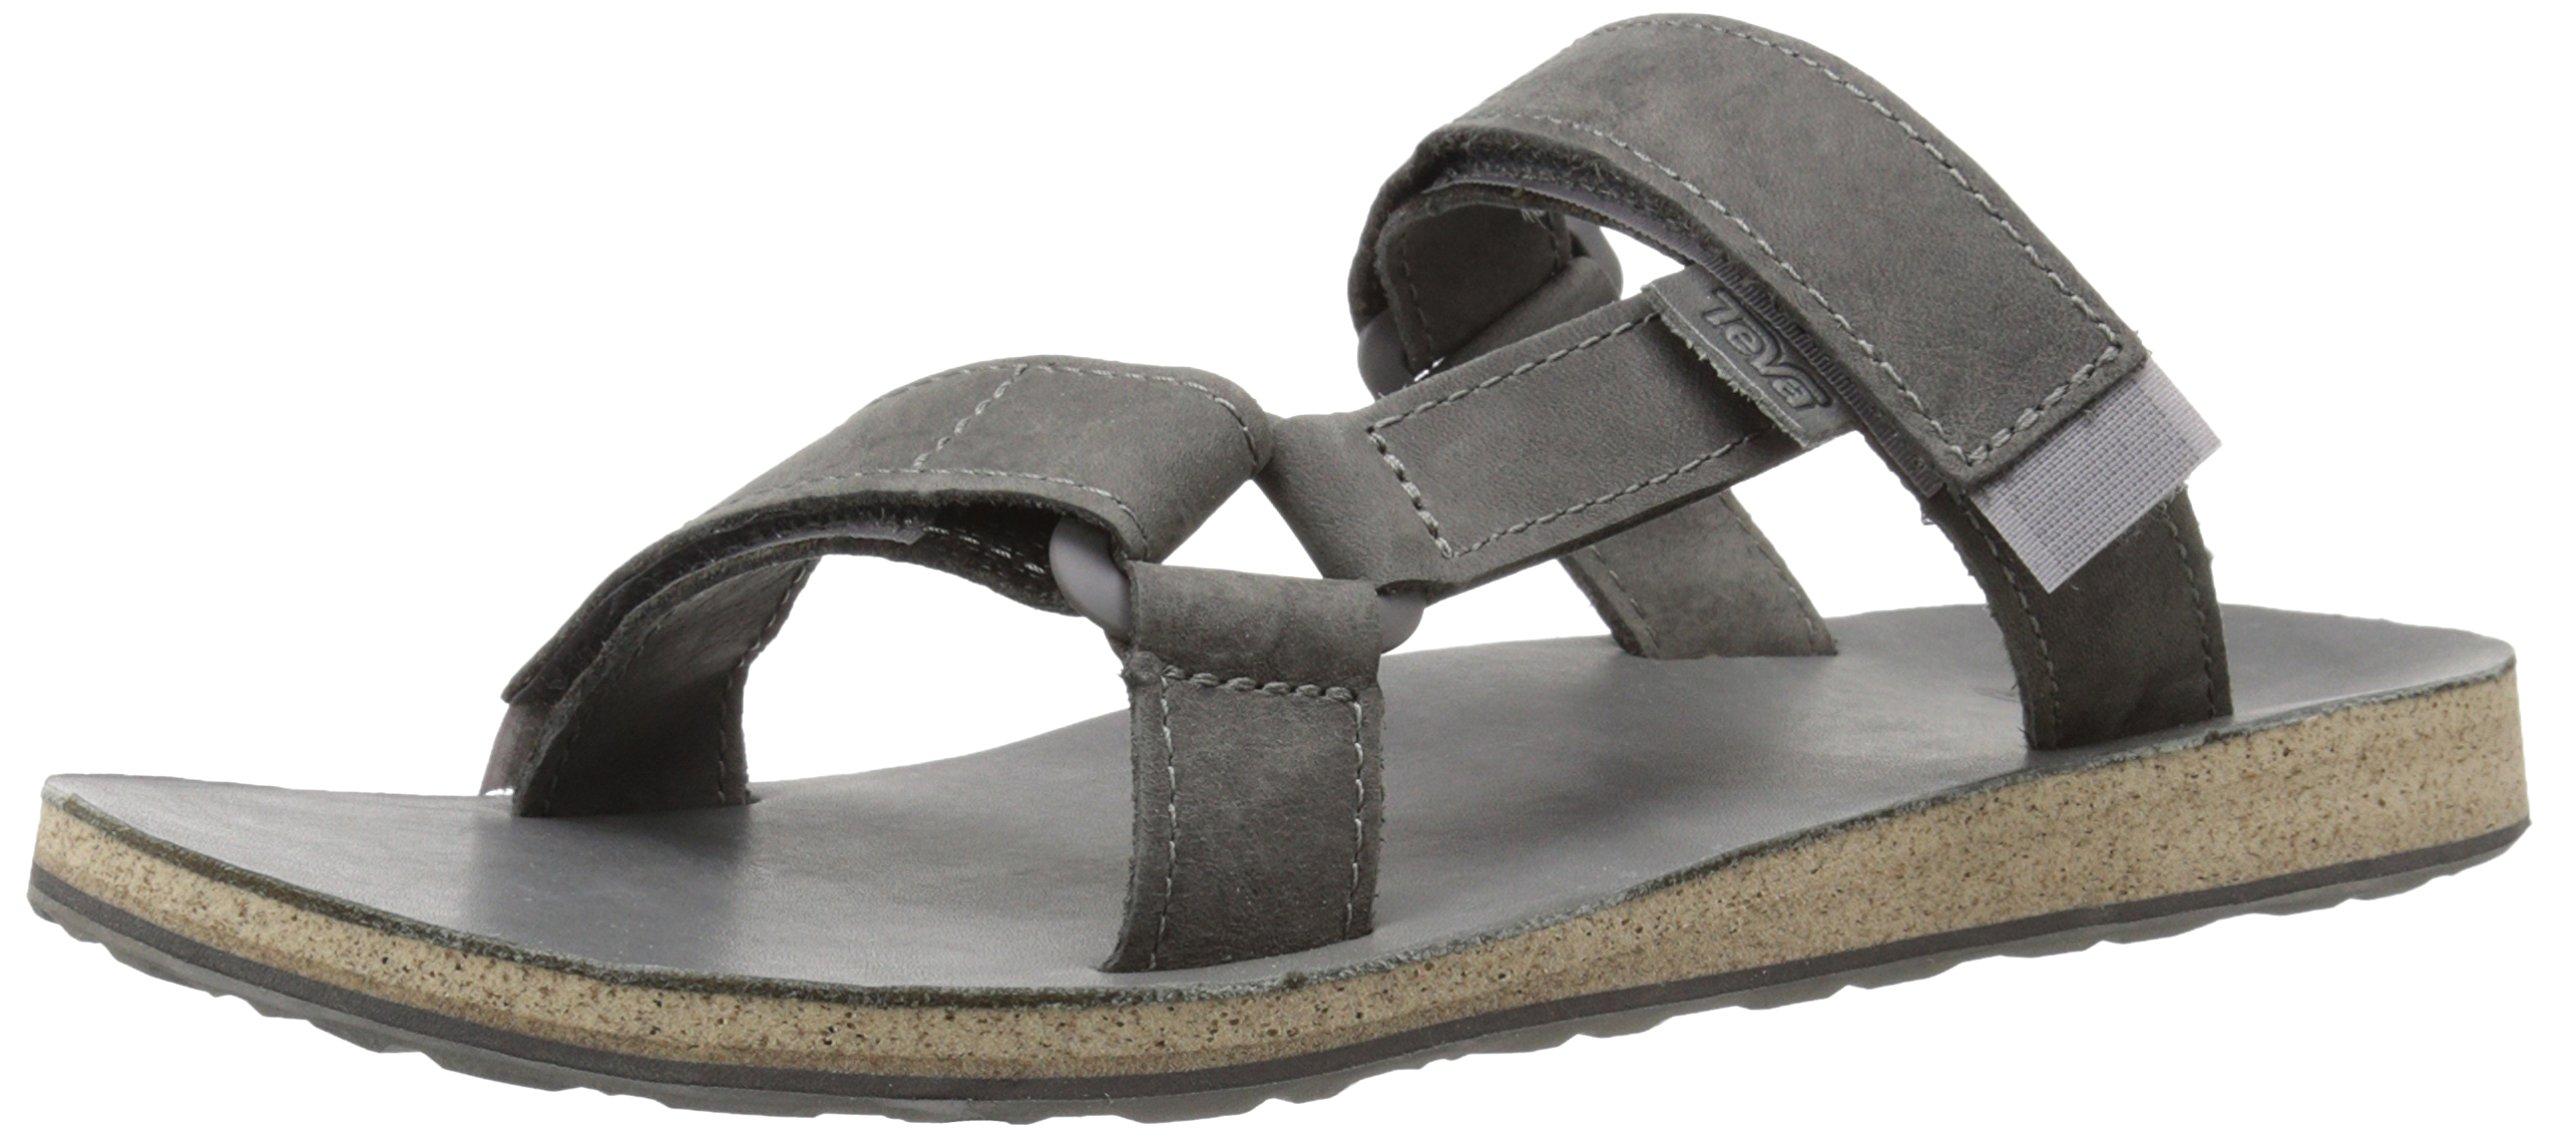 3cdba5e0f98 Galleon - Teva Men s Universal Slide Leather Sandal